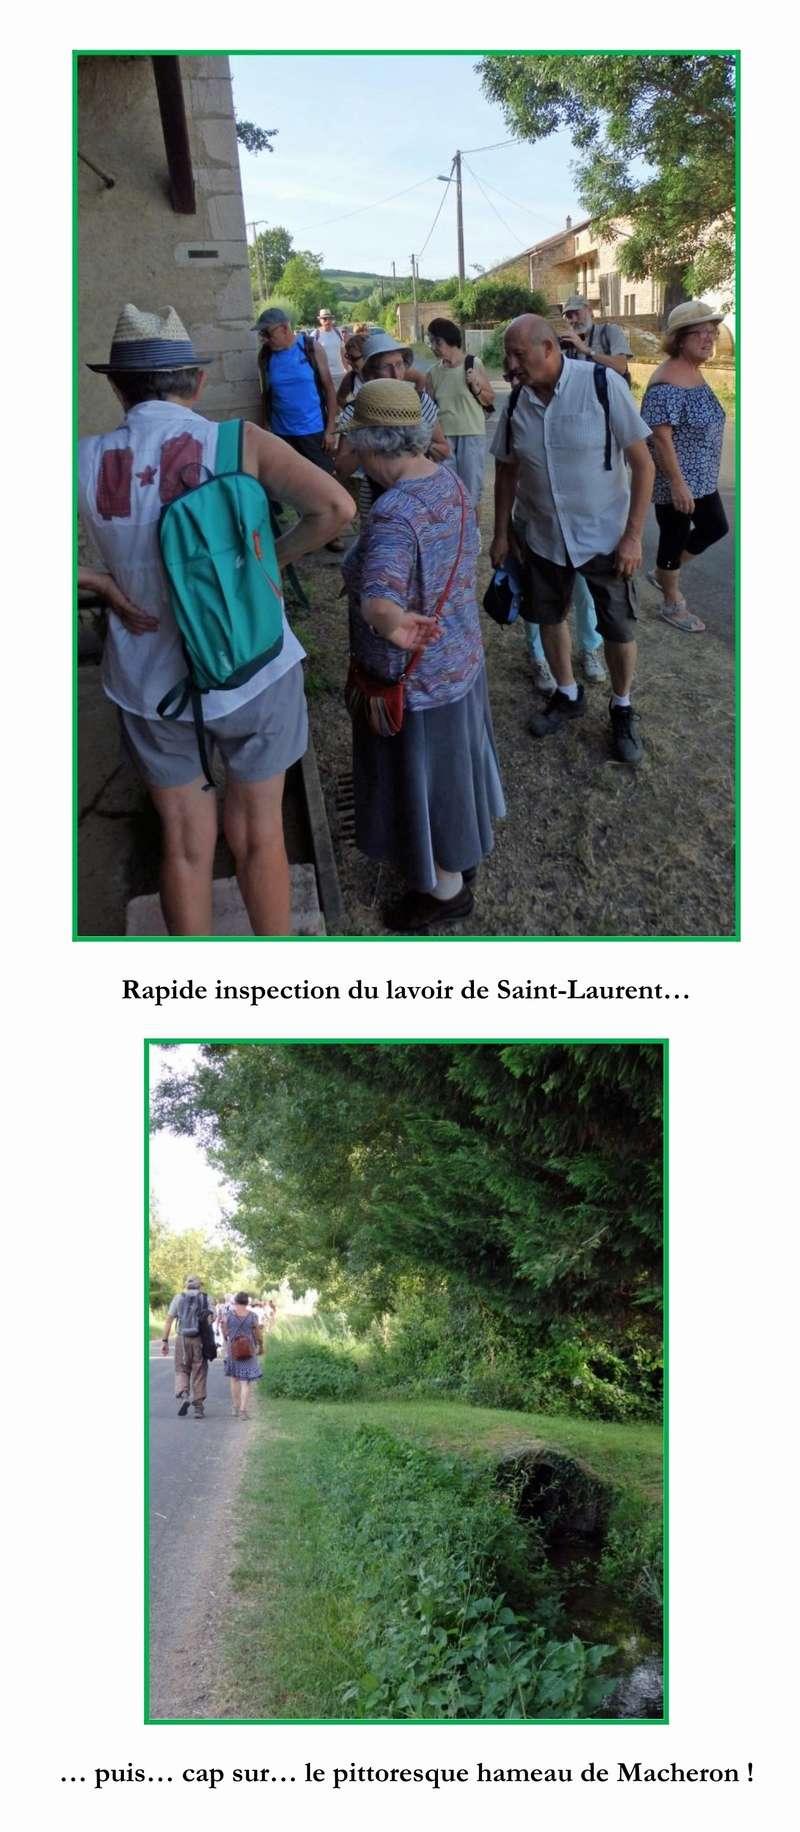 """Lugny (71) : photos de la 4e marche du patrimoine (vendredi 8 juillet 2016) """"Les marcheurs incollables sur le patrimoine"""" (""""Le JSL"""" du mardi 12 juillet 2016) 10_cop10"""